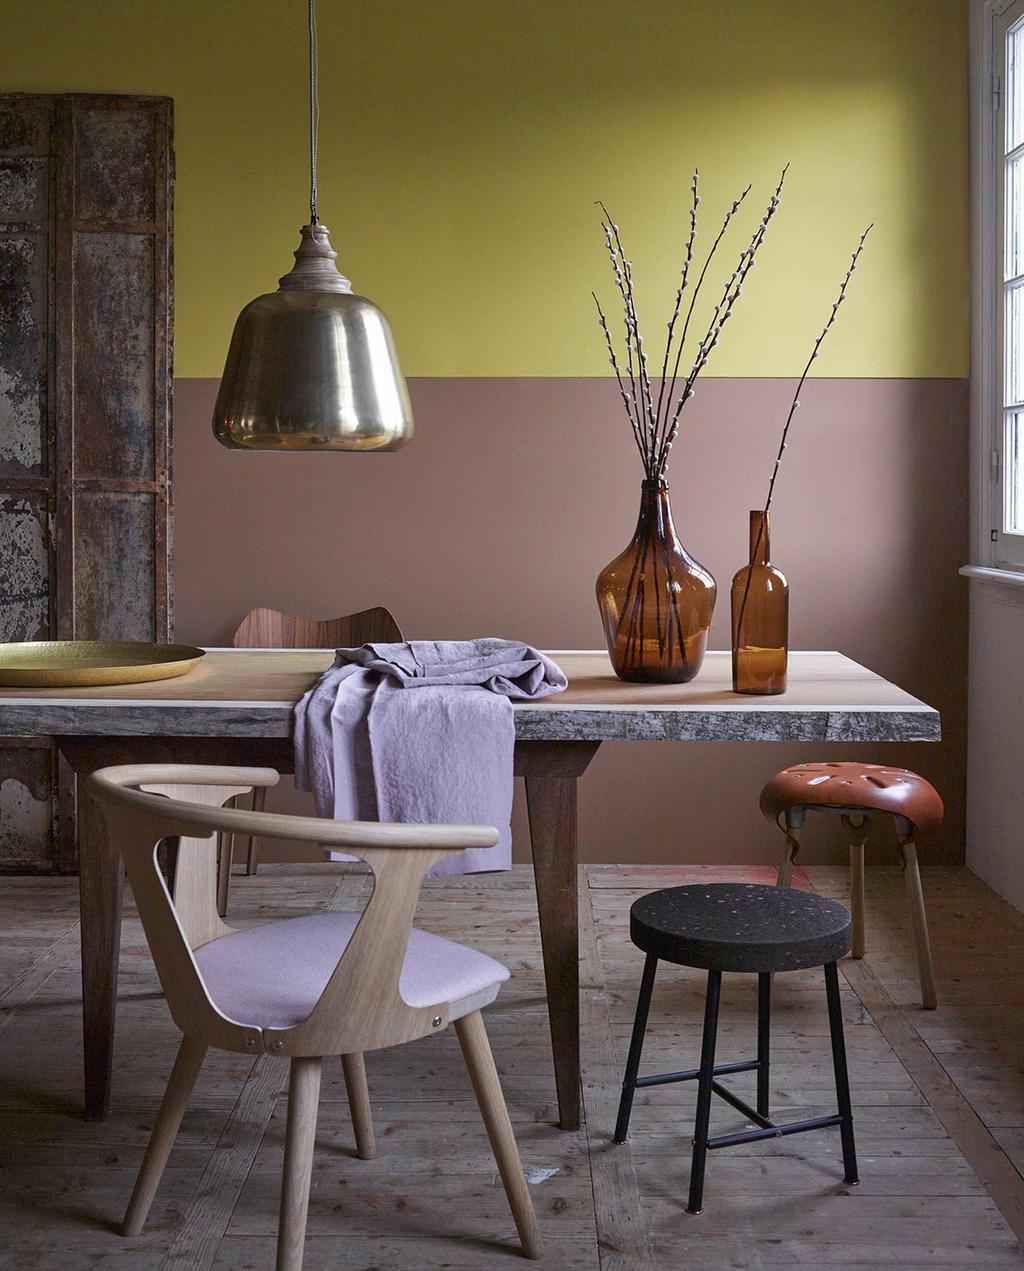 vtwonen 01-2016 | 2 kleuren op muur, okergeel en bruin, met eethoek